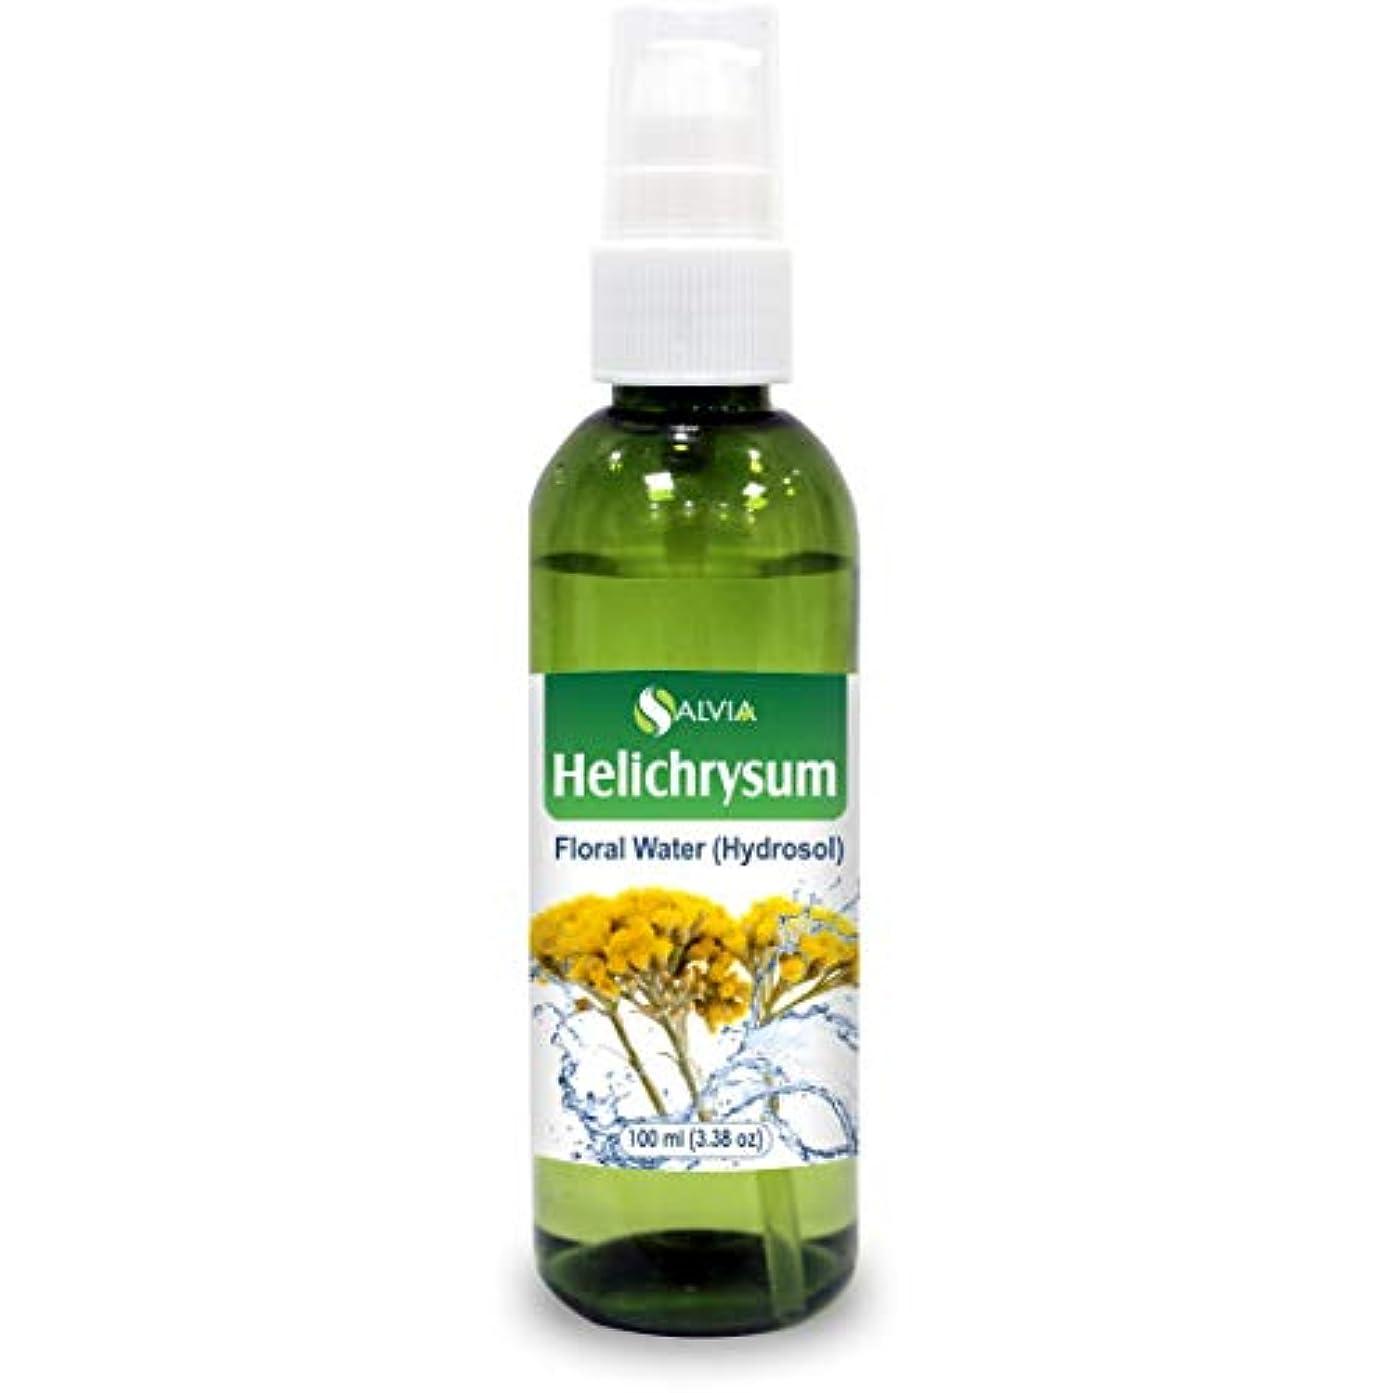 削減男らしさ順応性のあるHelichrysum Floral Water 100ml (Hydrosol) 100% Pure And Natural